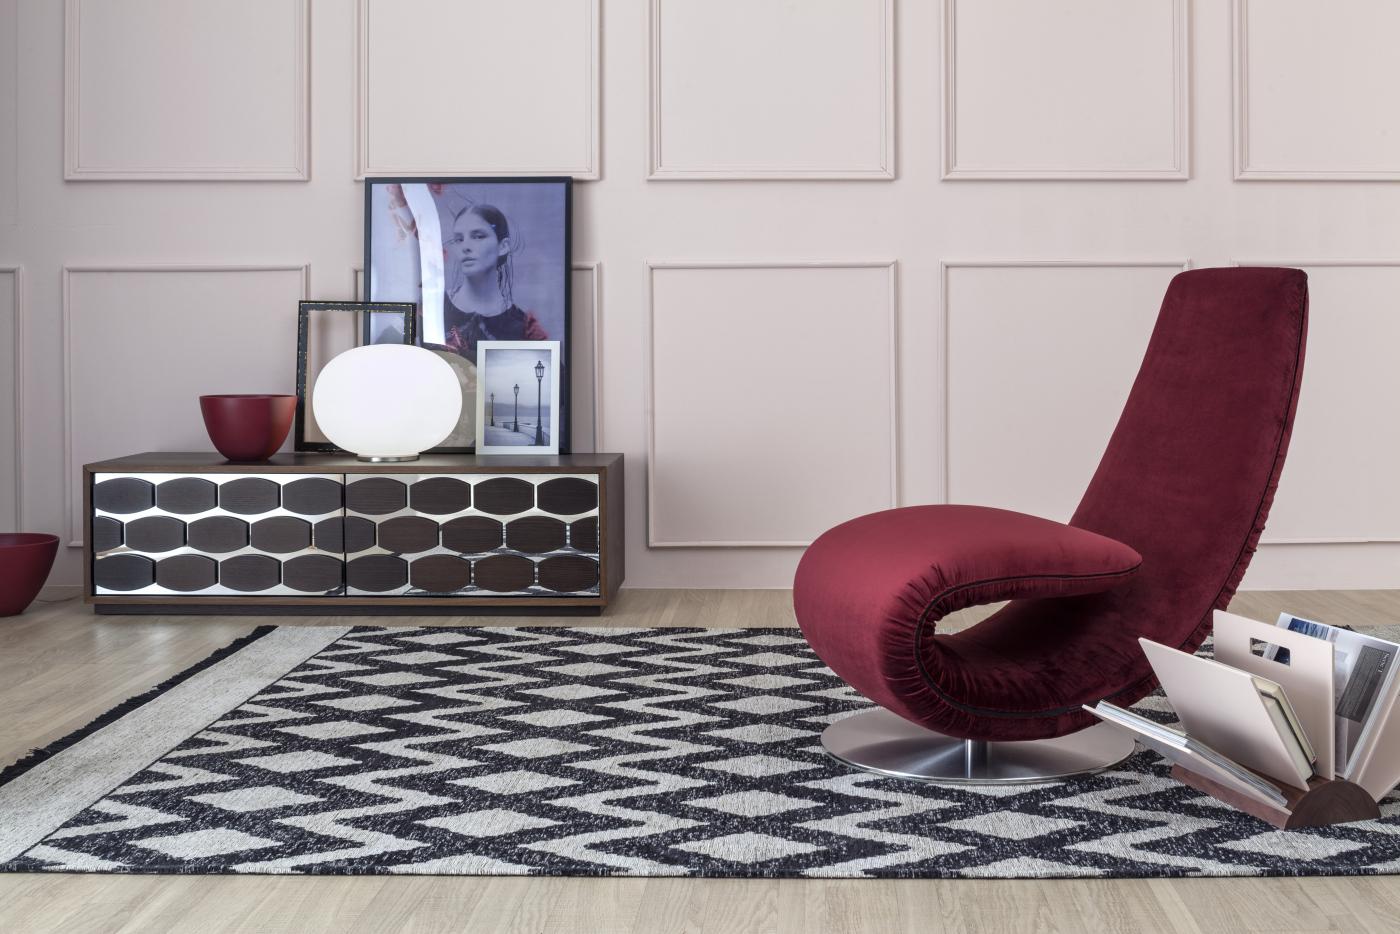 La chaise-longue più bella ed innovativa che potrete trovare ...